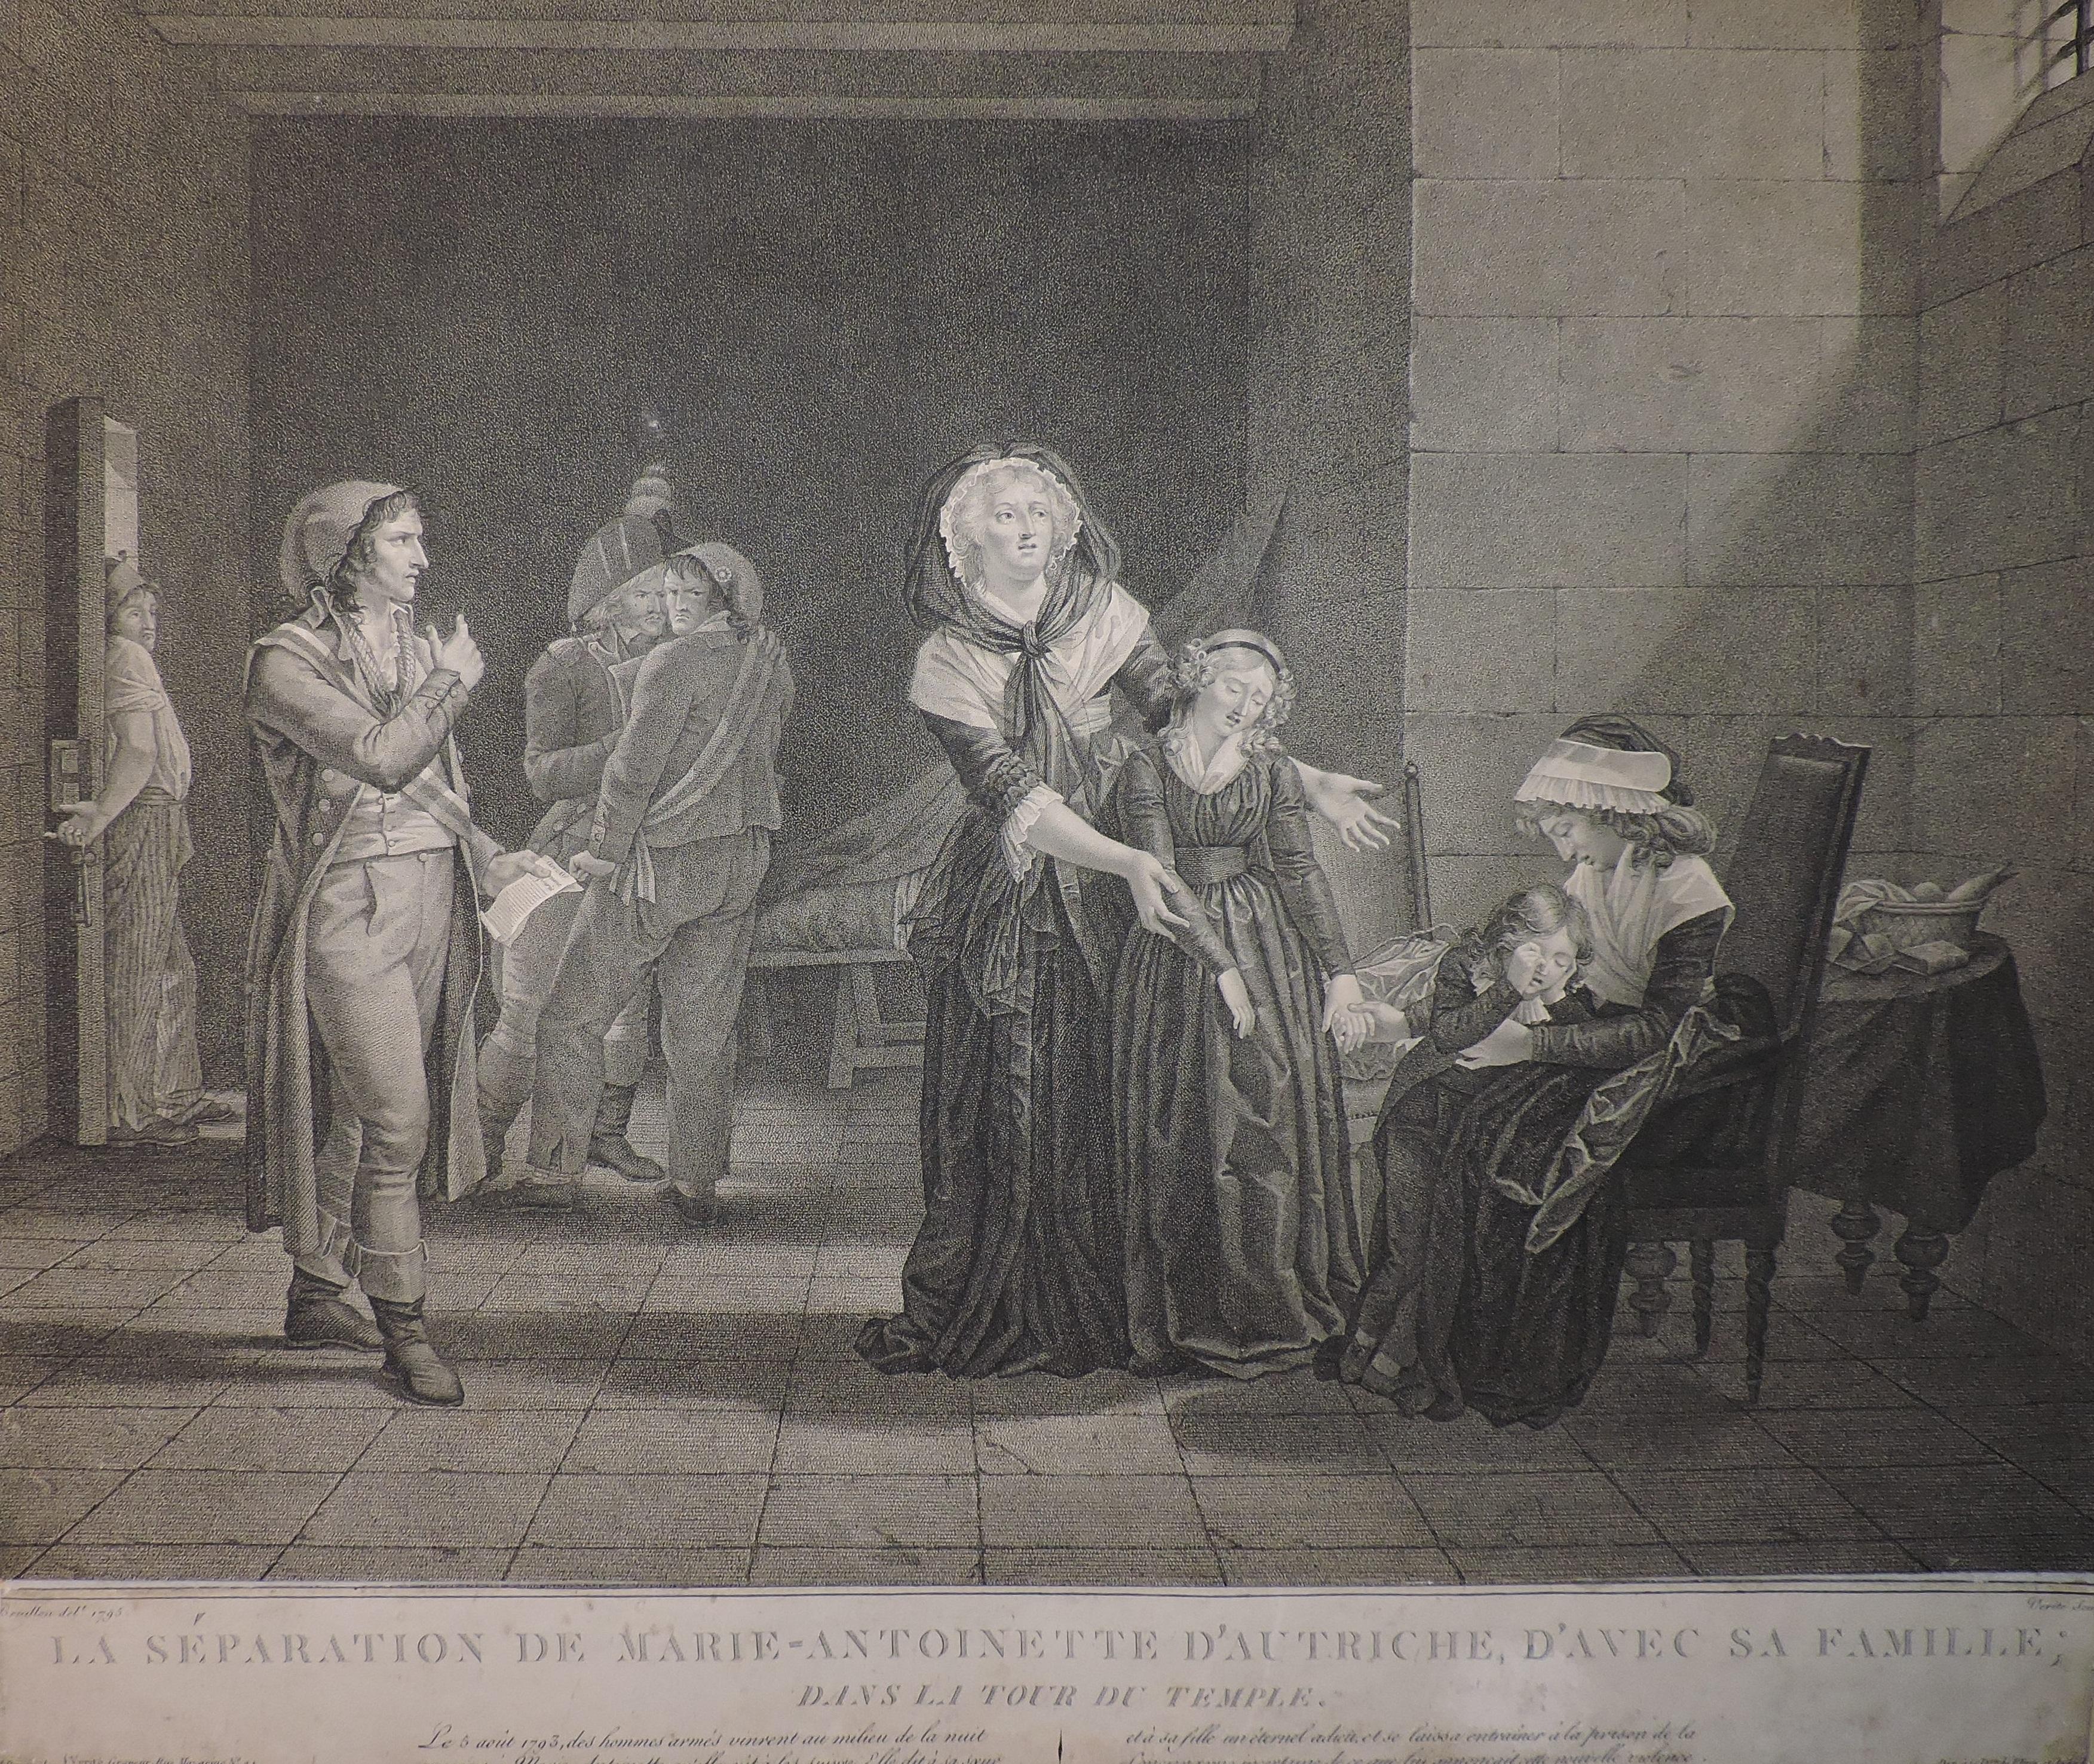 Adieux de Marie-Antoinette